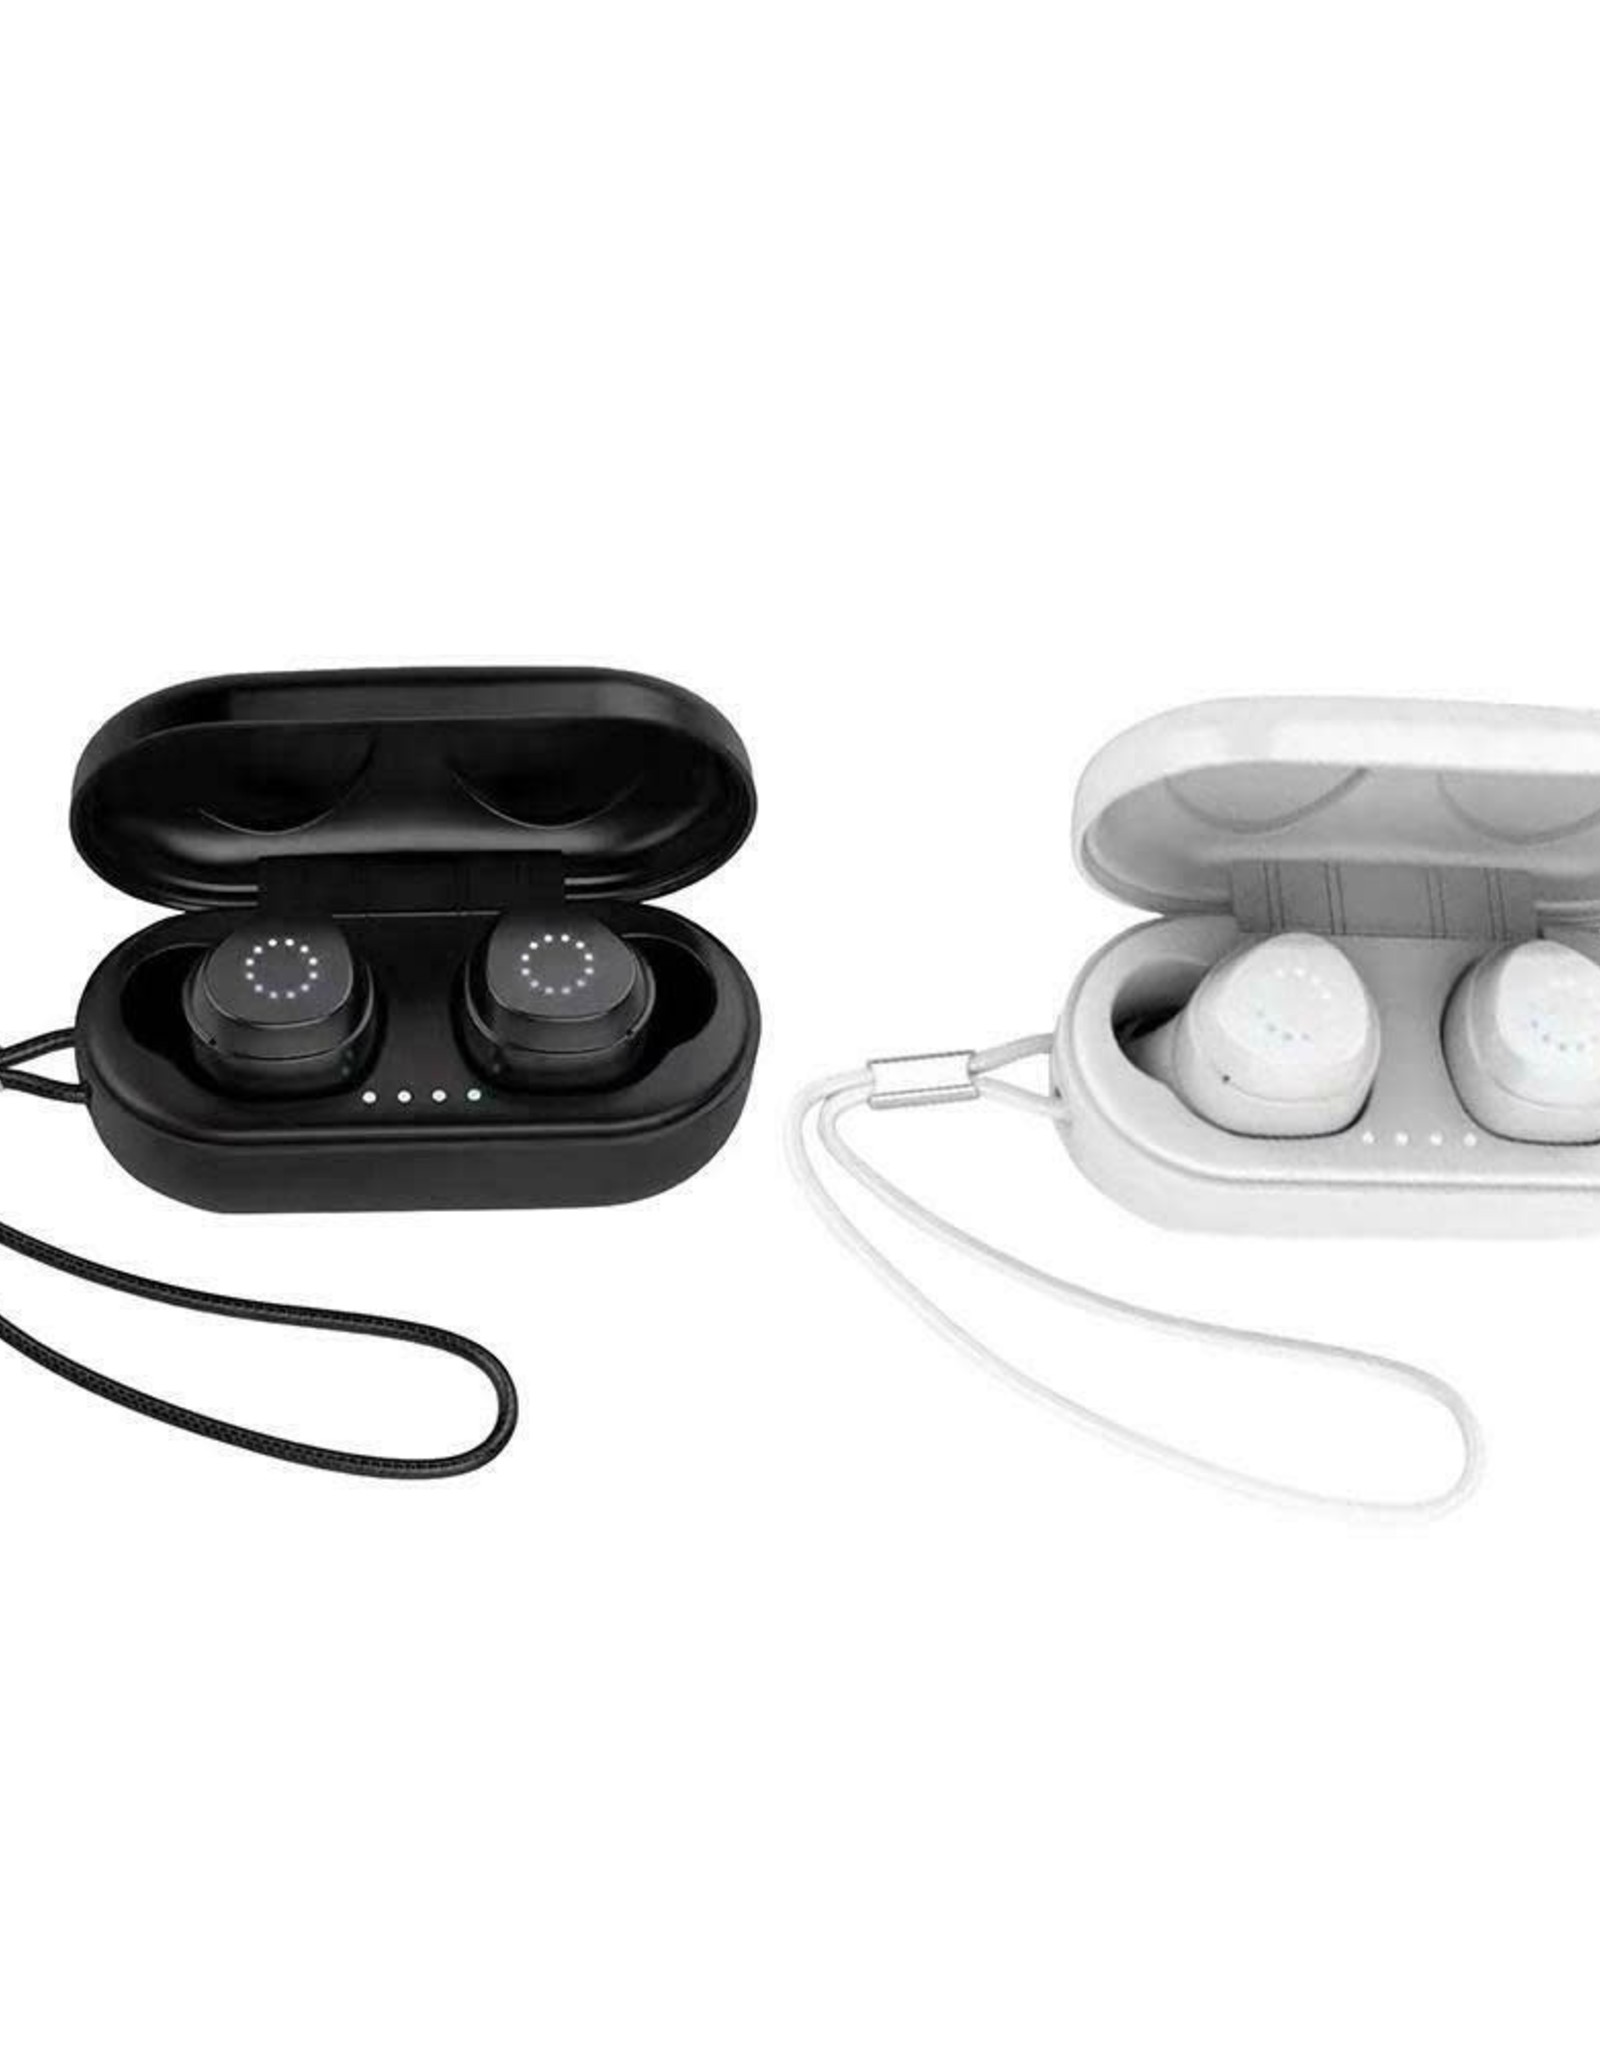 Joyroom Bilateral TWS Earbuds JR-TL1